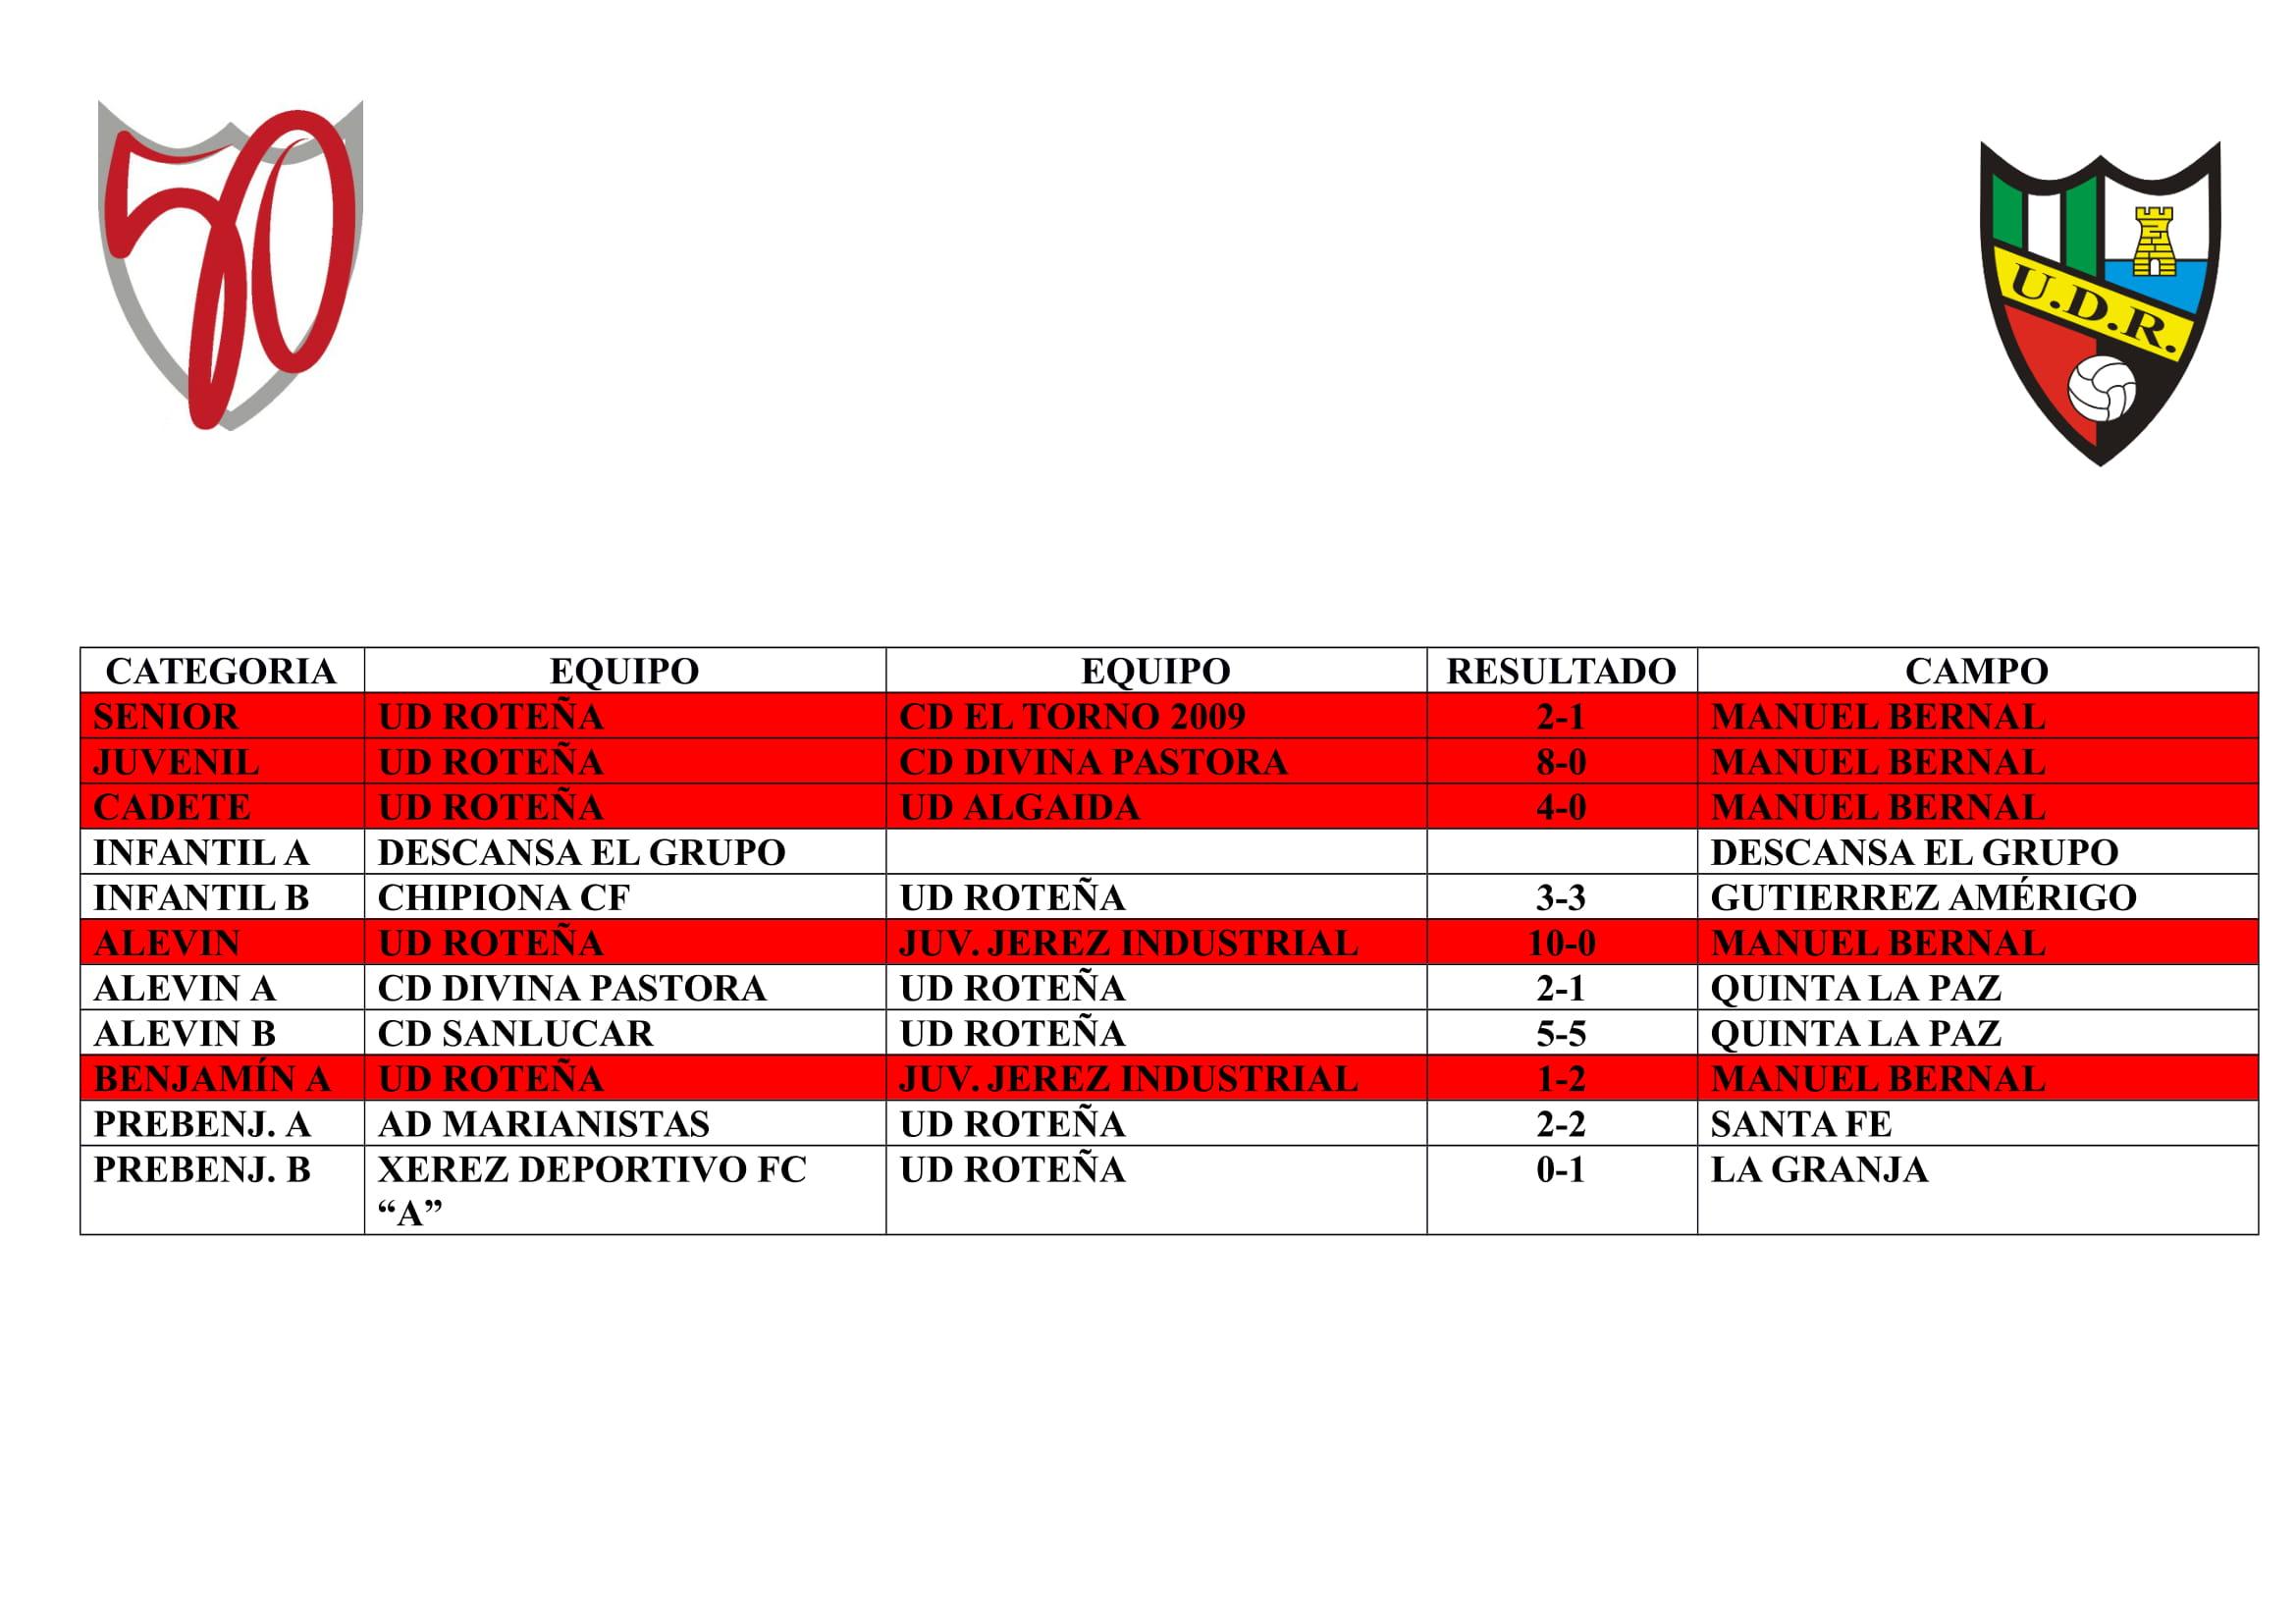 La jornada de nuestros equipos (del 29/11 al 1/12)